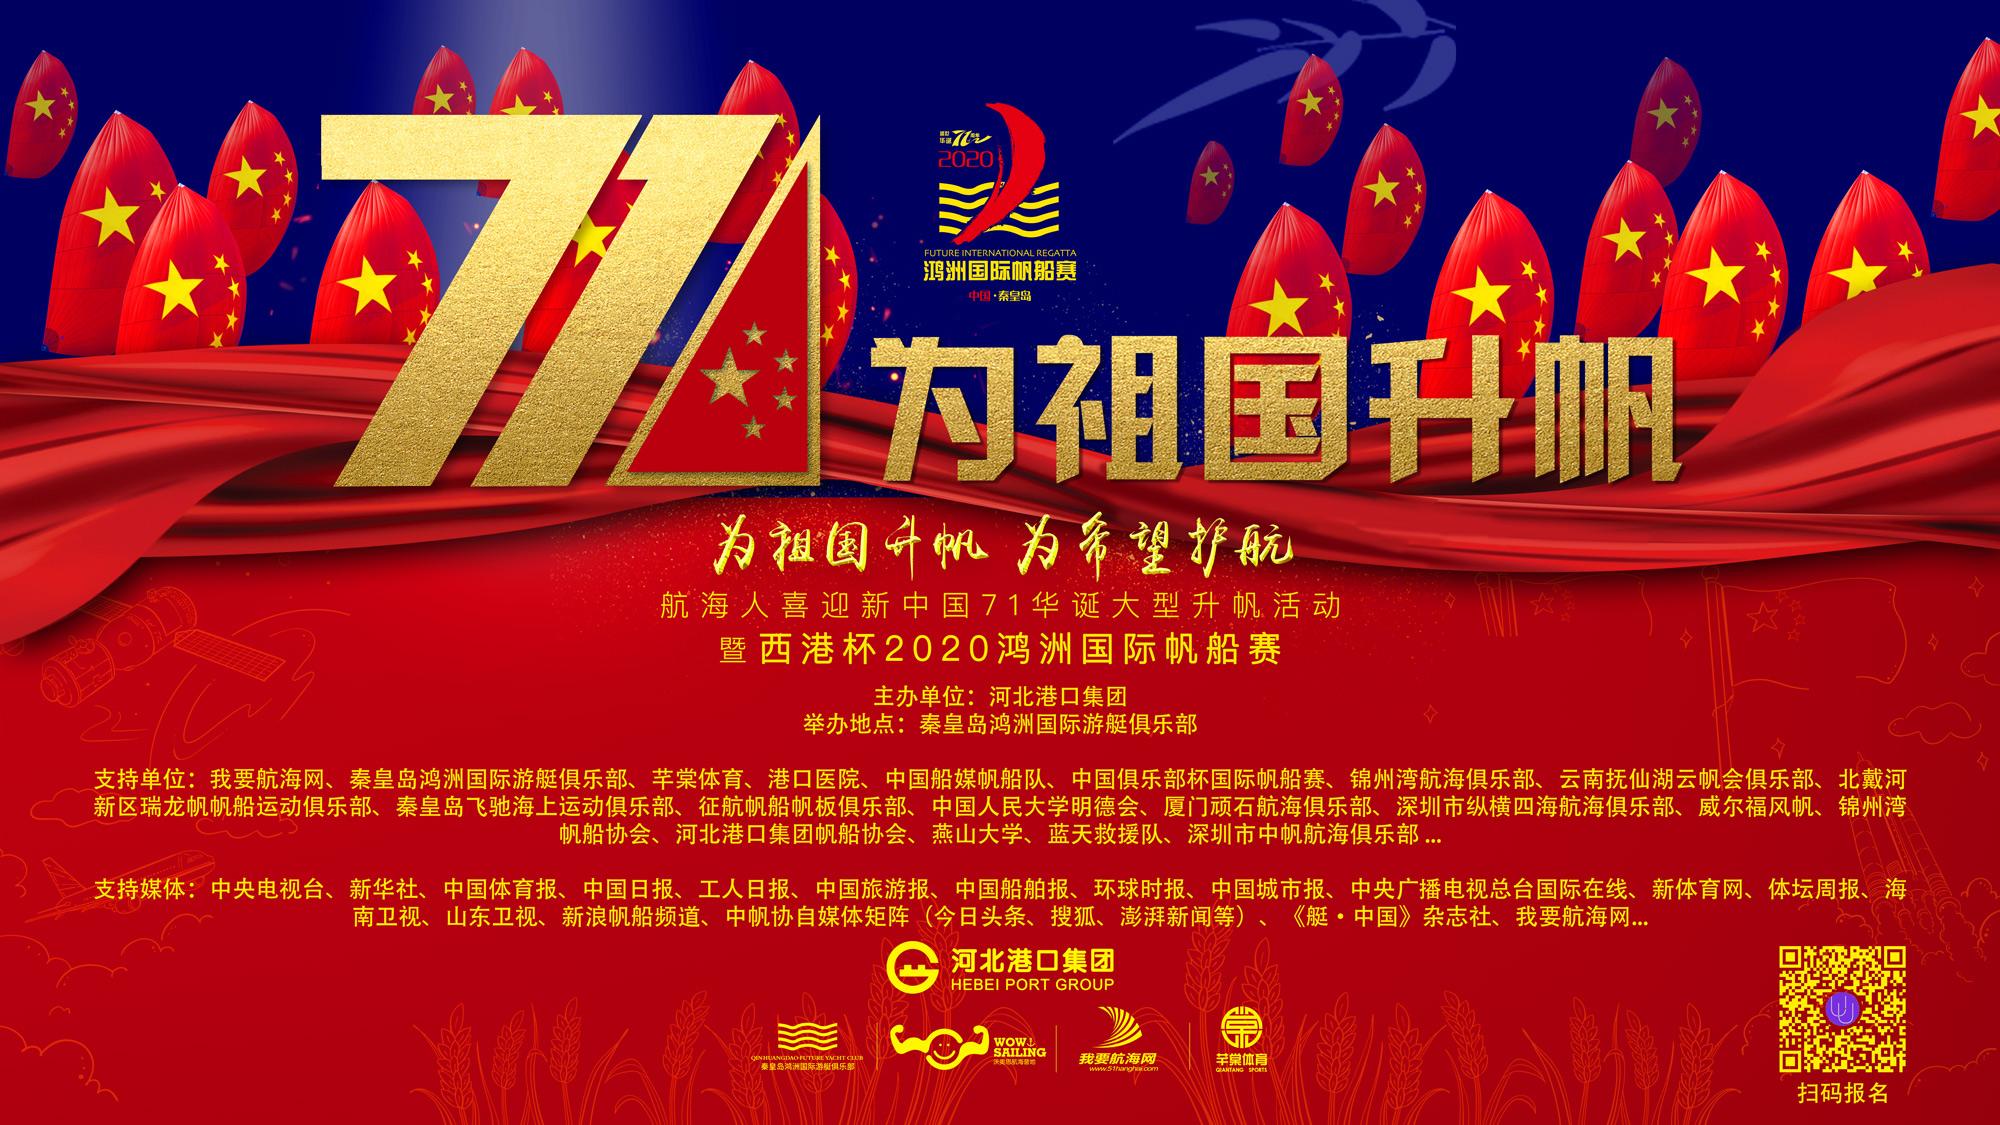 赛事公告:为祖国升帆,为希望护航暨2020西港杯鸿洲国际帆船赛